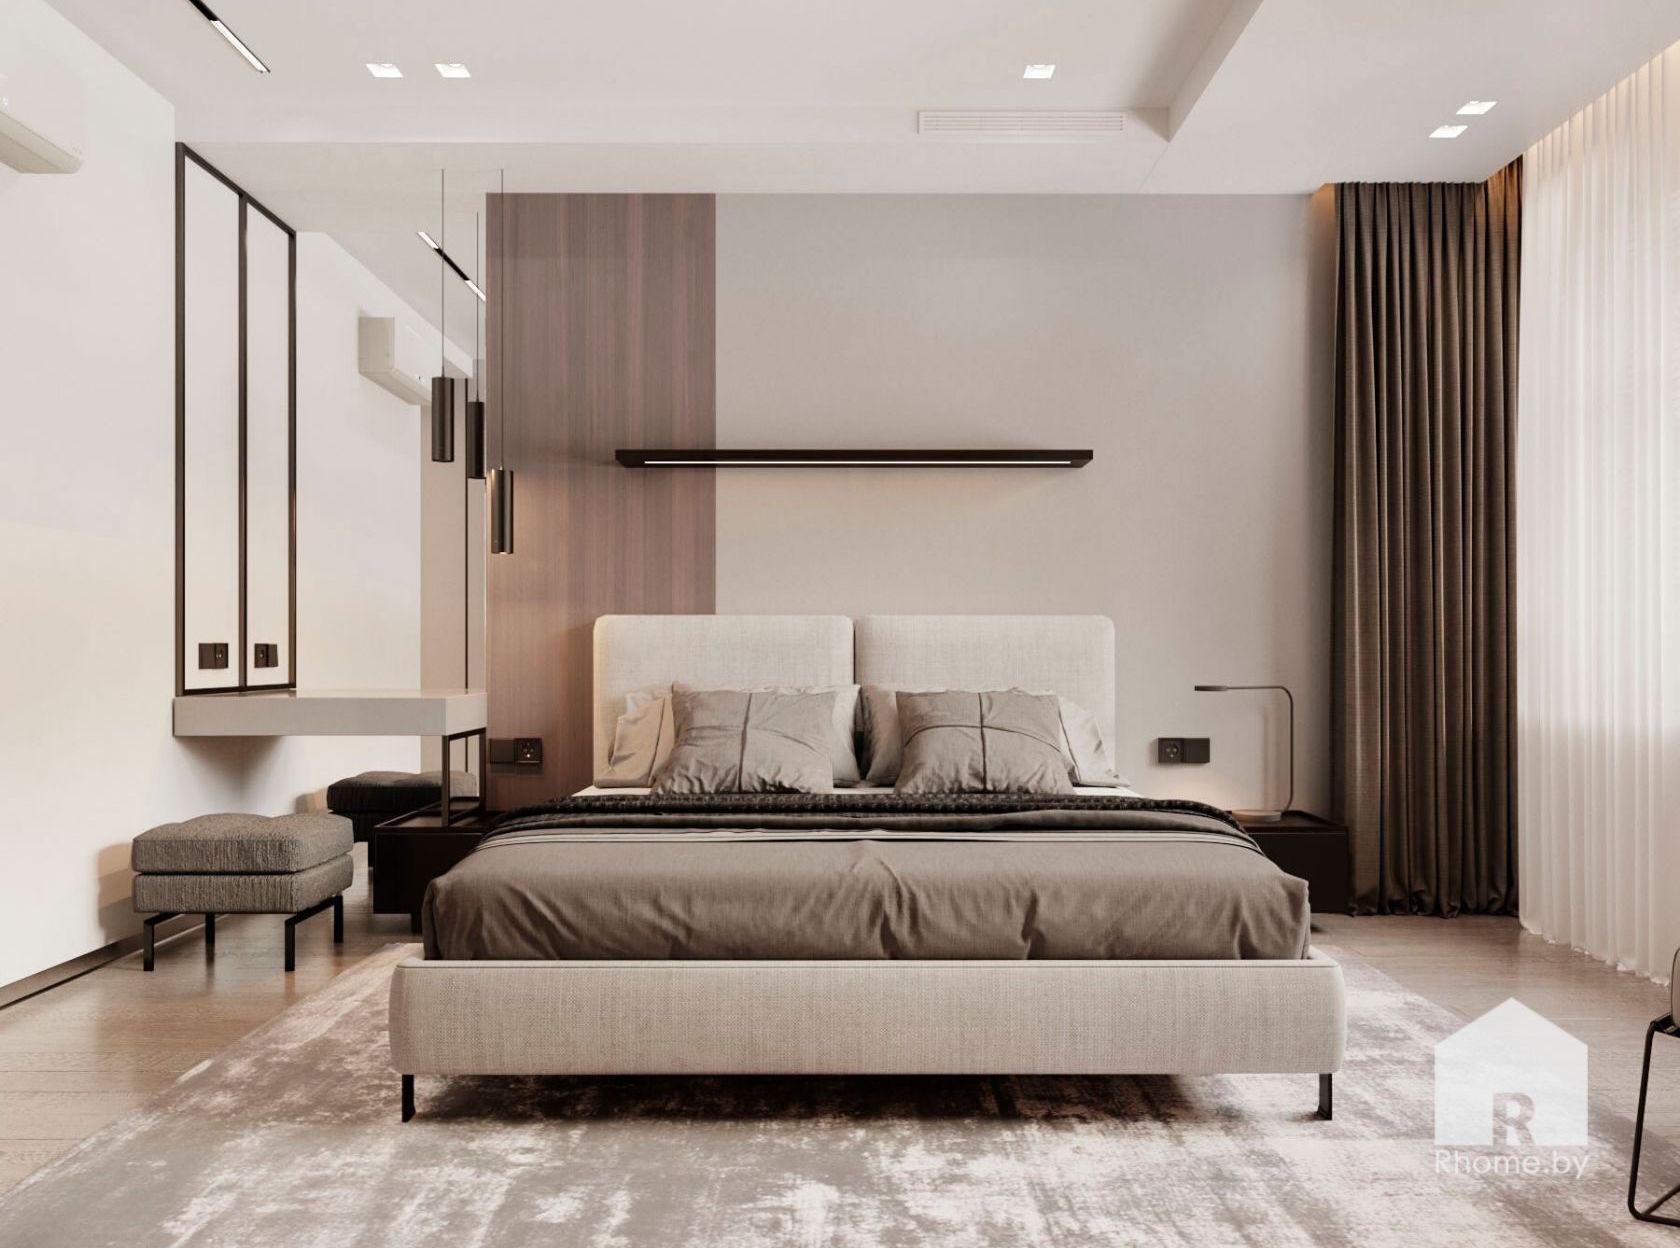 Двуспальная кровать с светлой спальной комнате.